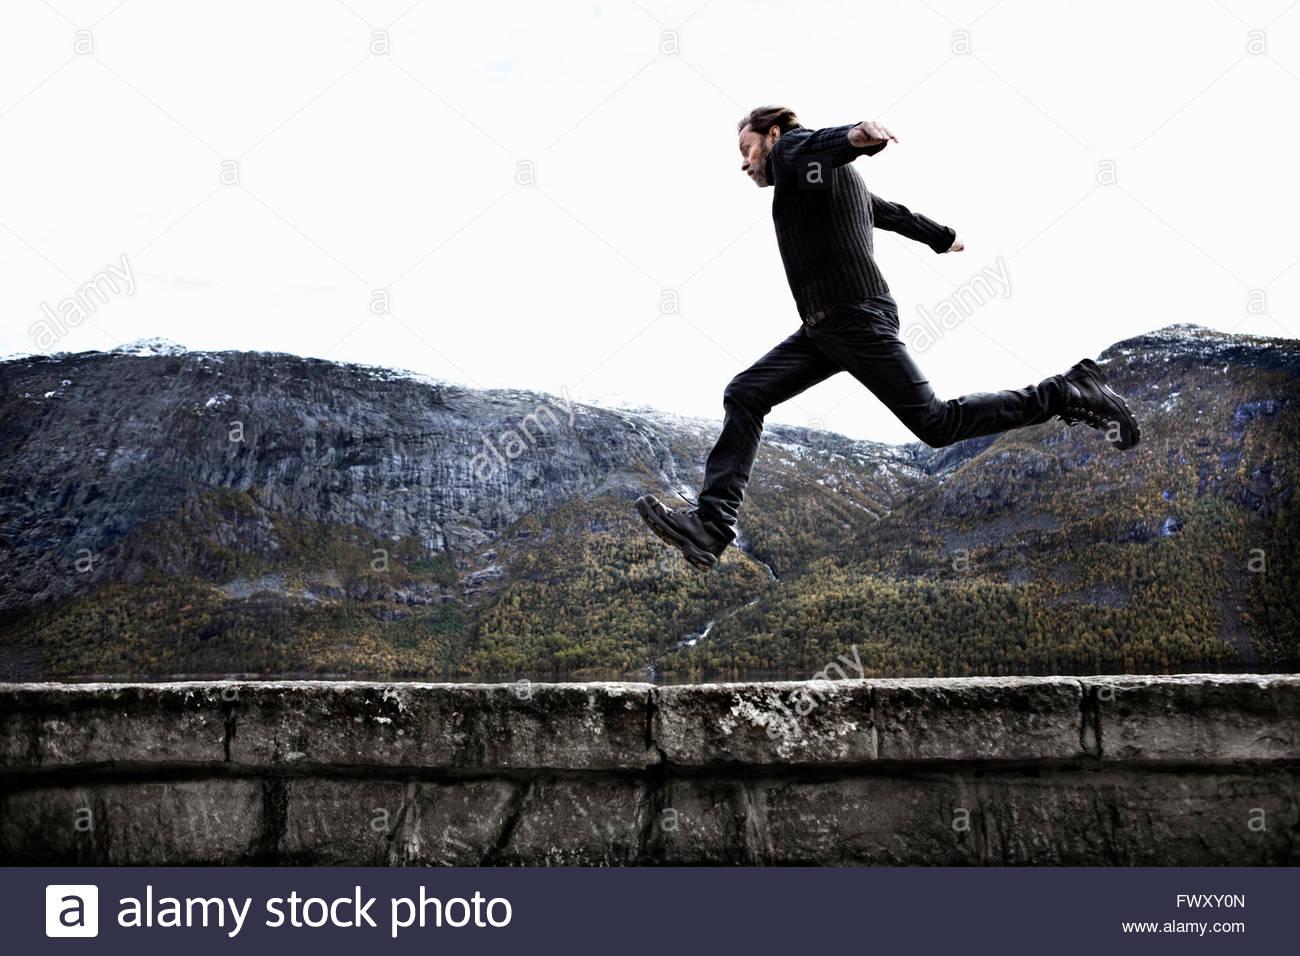 Norvegia Odda, uomo saltando su muro di pietra Immagini Stock